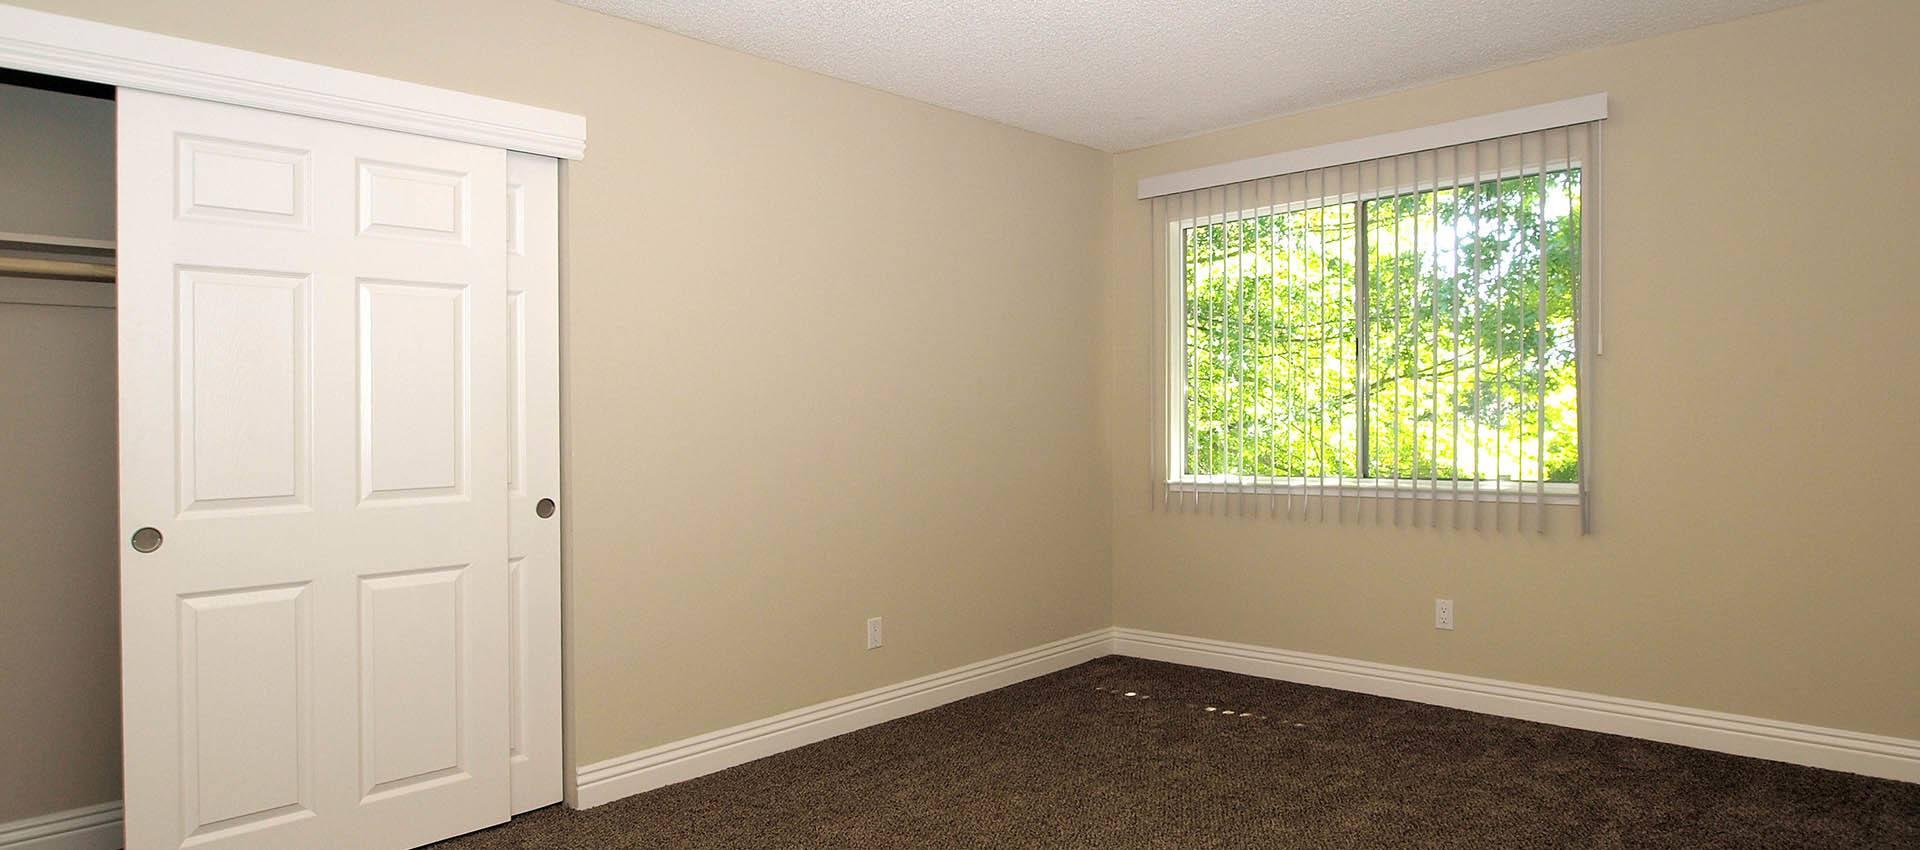 Bedroom and closet at Spring Lake Apartment Homes in Santa Rosa, CA